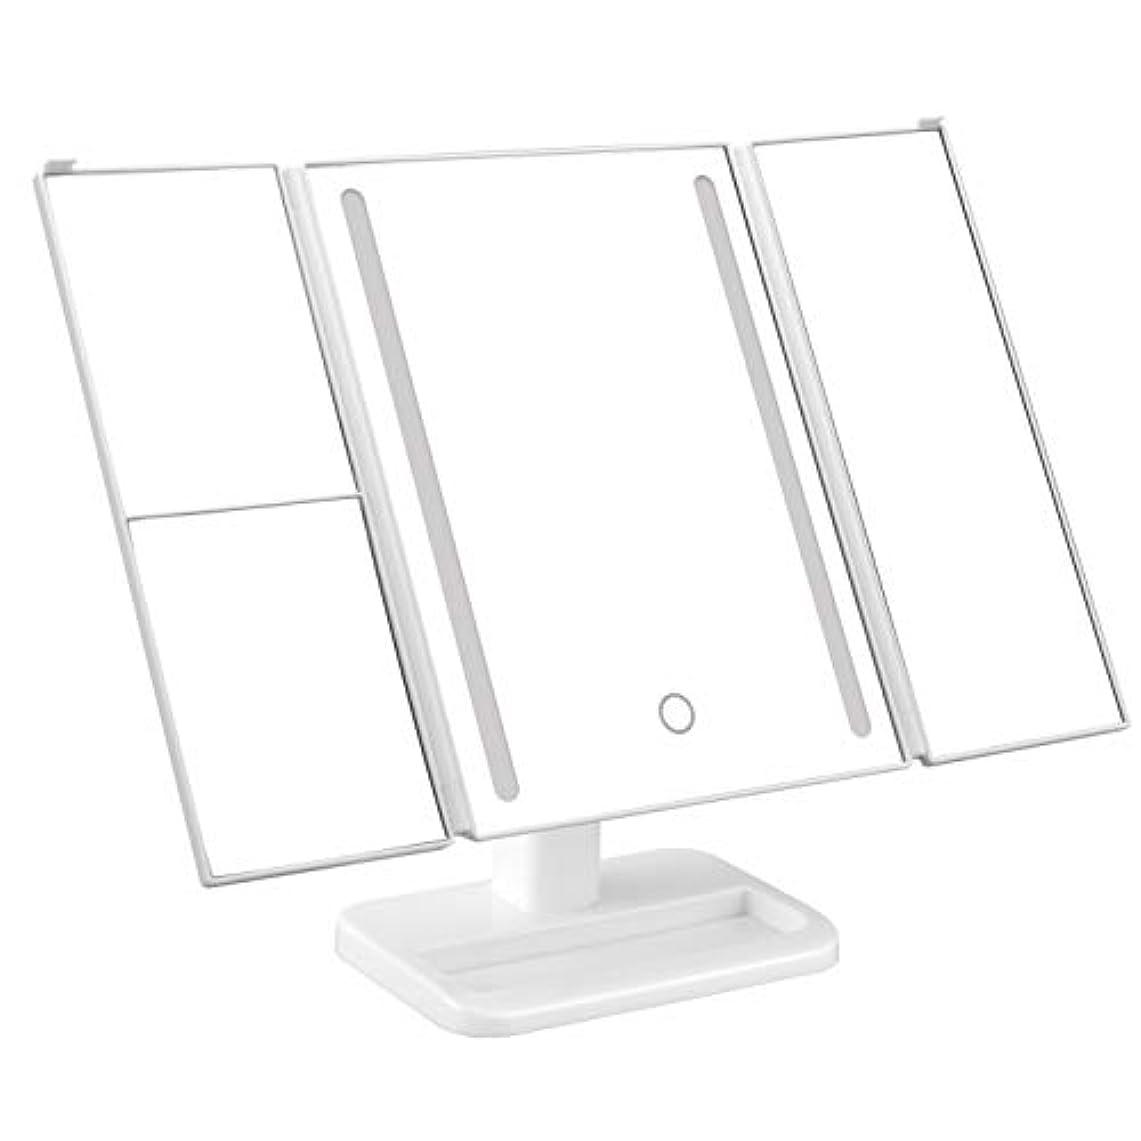 神社蜂カナダ50灯LEDライト三面鏡 2倍&3倍拡大鏡 卓上・卓上ミラー・化粧鏡・スタンドミラー・led・カガミ・かがみ・メイク・メイクミラー・化粧・化粧台・折りたたみ式・コンパクト・タッチ式・乾電池・USB対応・パソコンから給電可/50灯LEDライト三面鏡 (ホワイト)